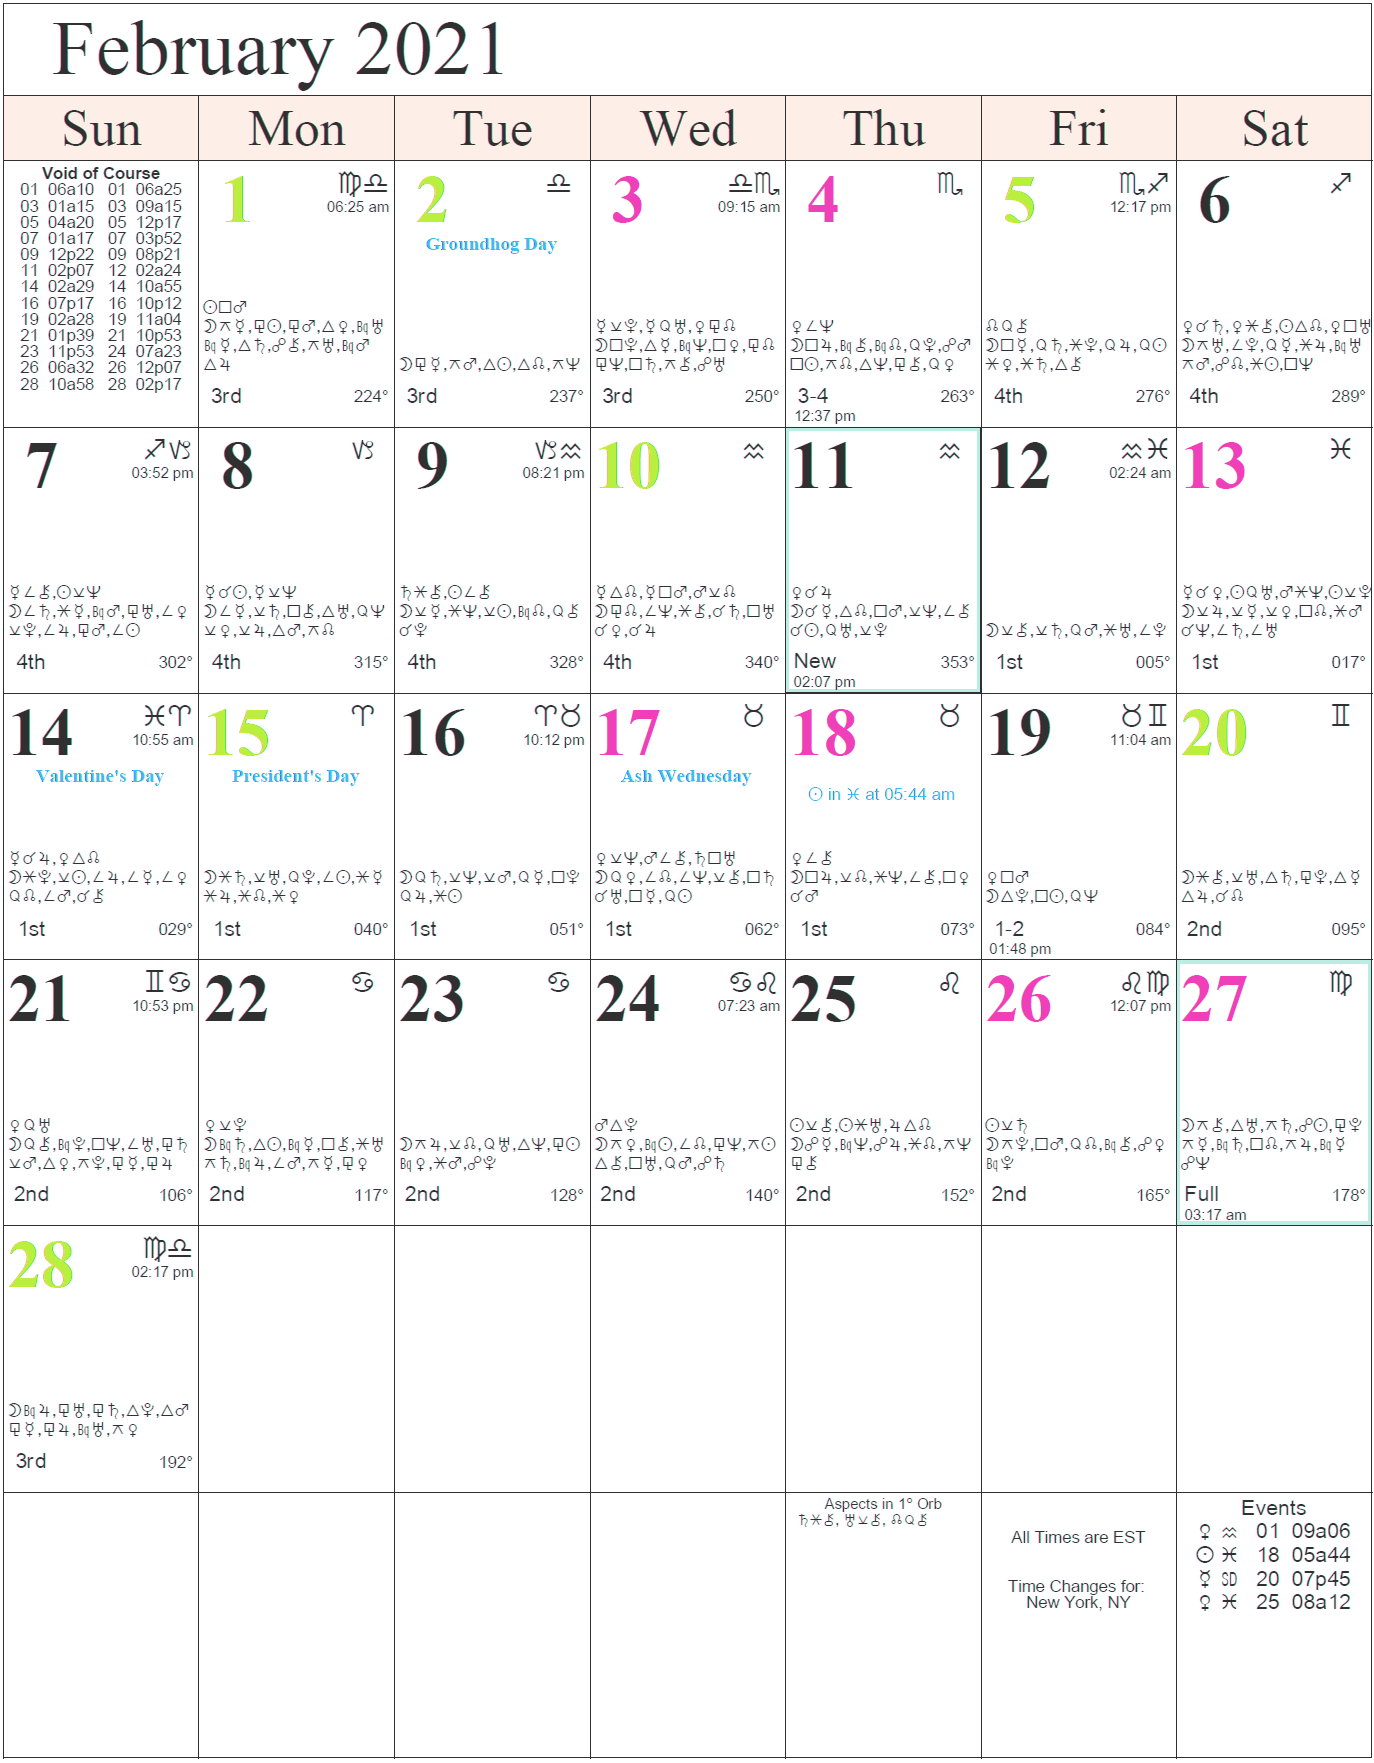 Horoscope Calendar 2021 Monthly Astrology Calendars | Cafe Astrology .com